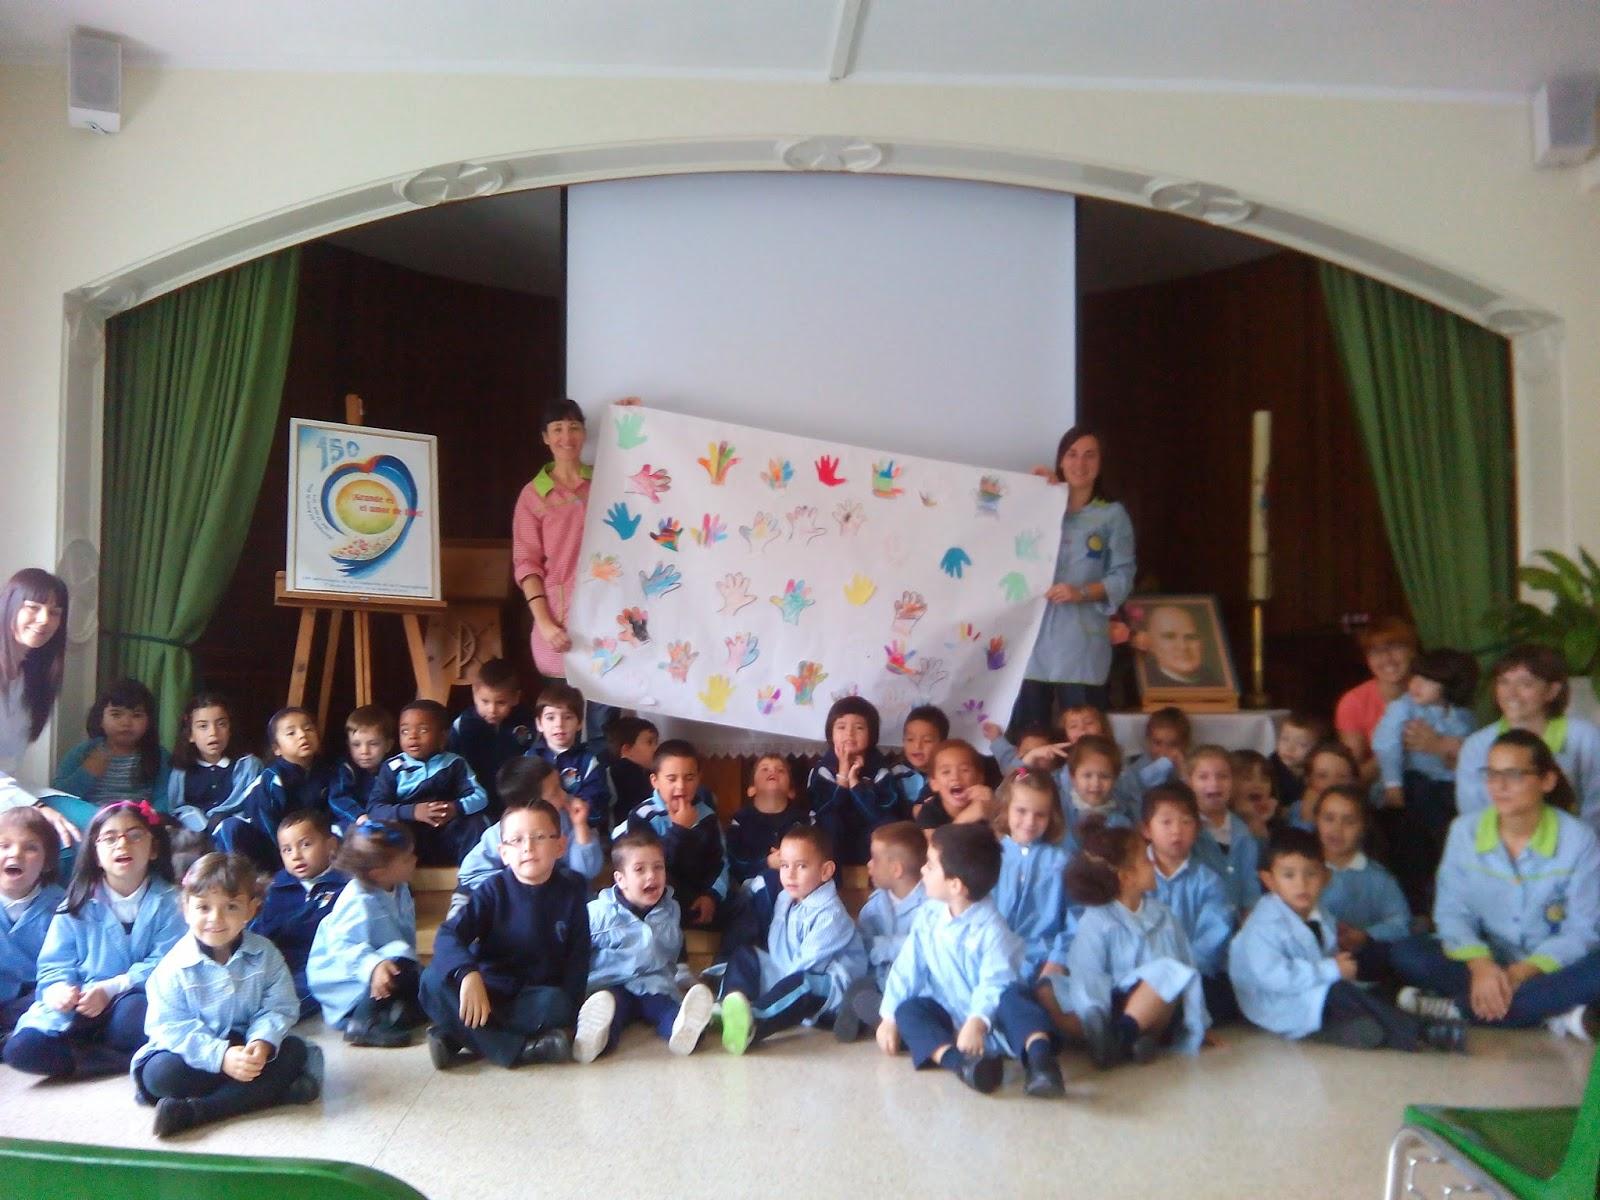 Colegio amor de dios burlada clausura celebraci n 150 - Colegio amor de dios oviedo ...